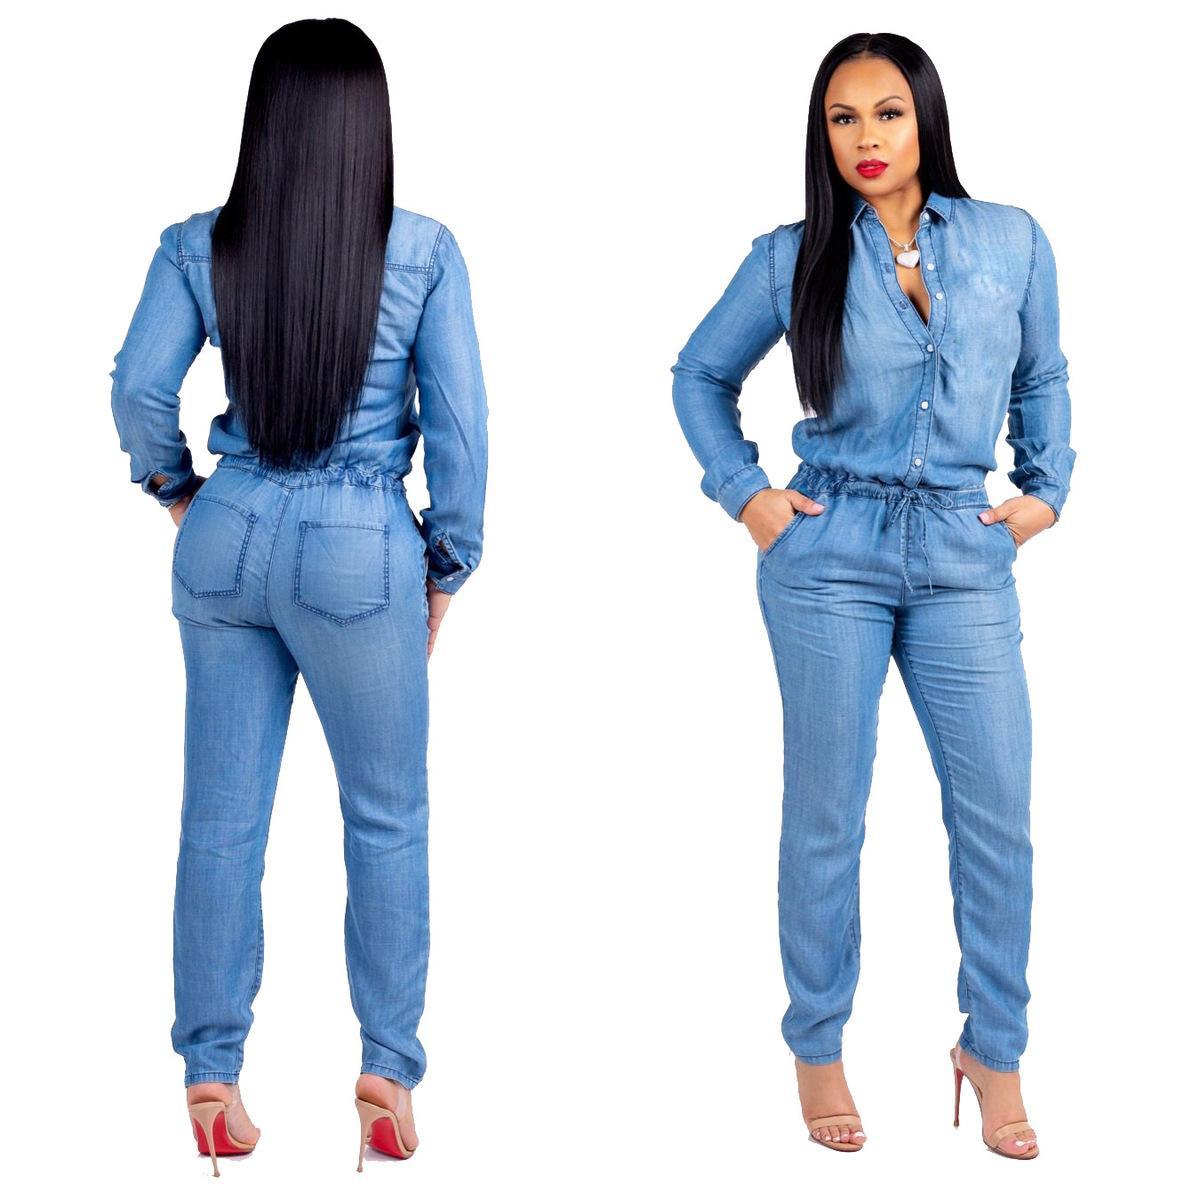 7abc88210c44e Compre Vaquero Casual Europeo Y Americano Hot Fashion Strappy Jeans Mujeres  A  23.12 Del Cui325